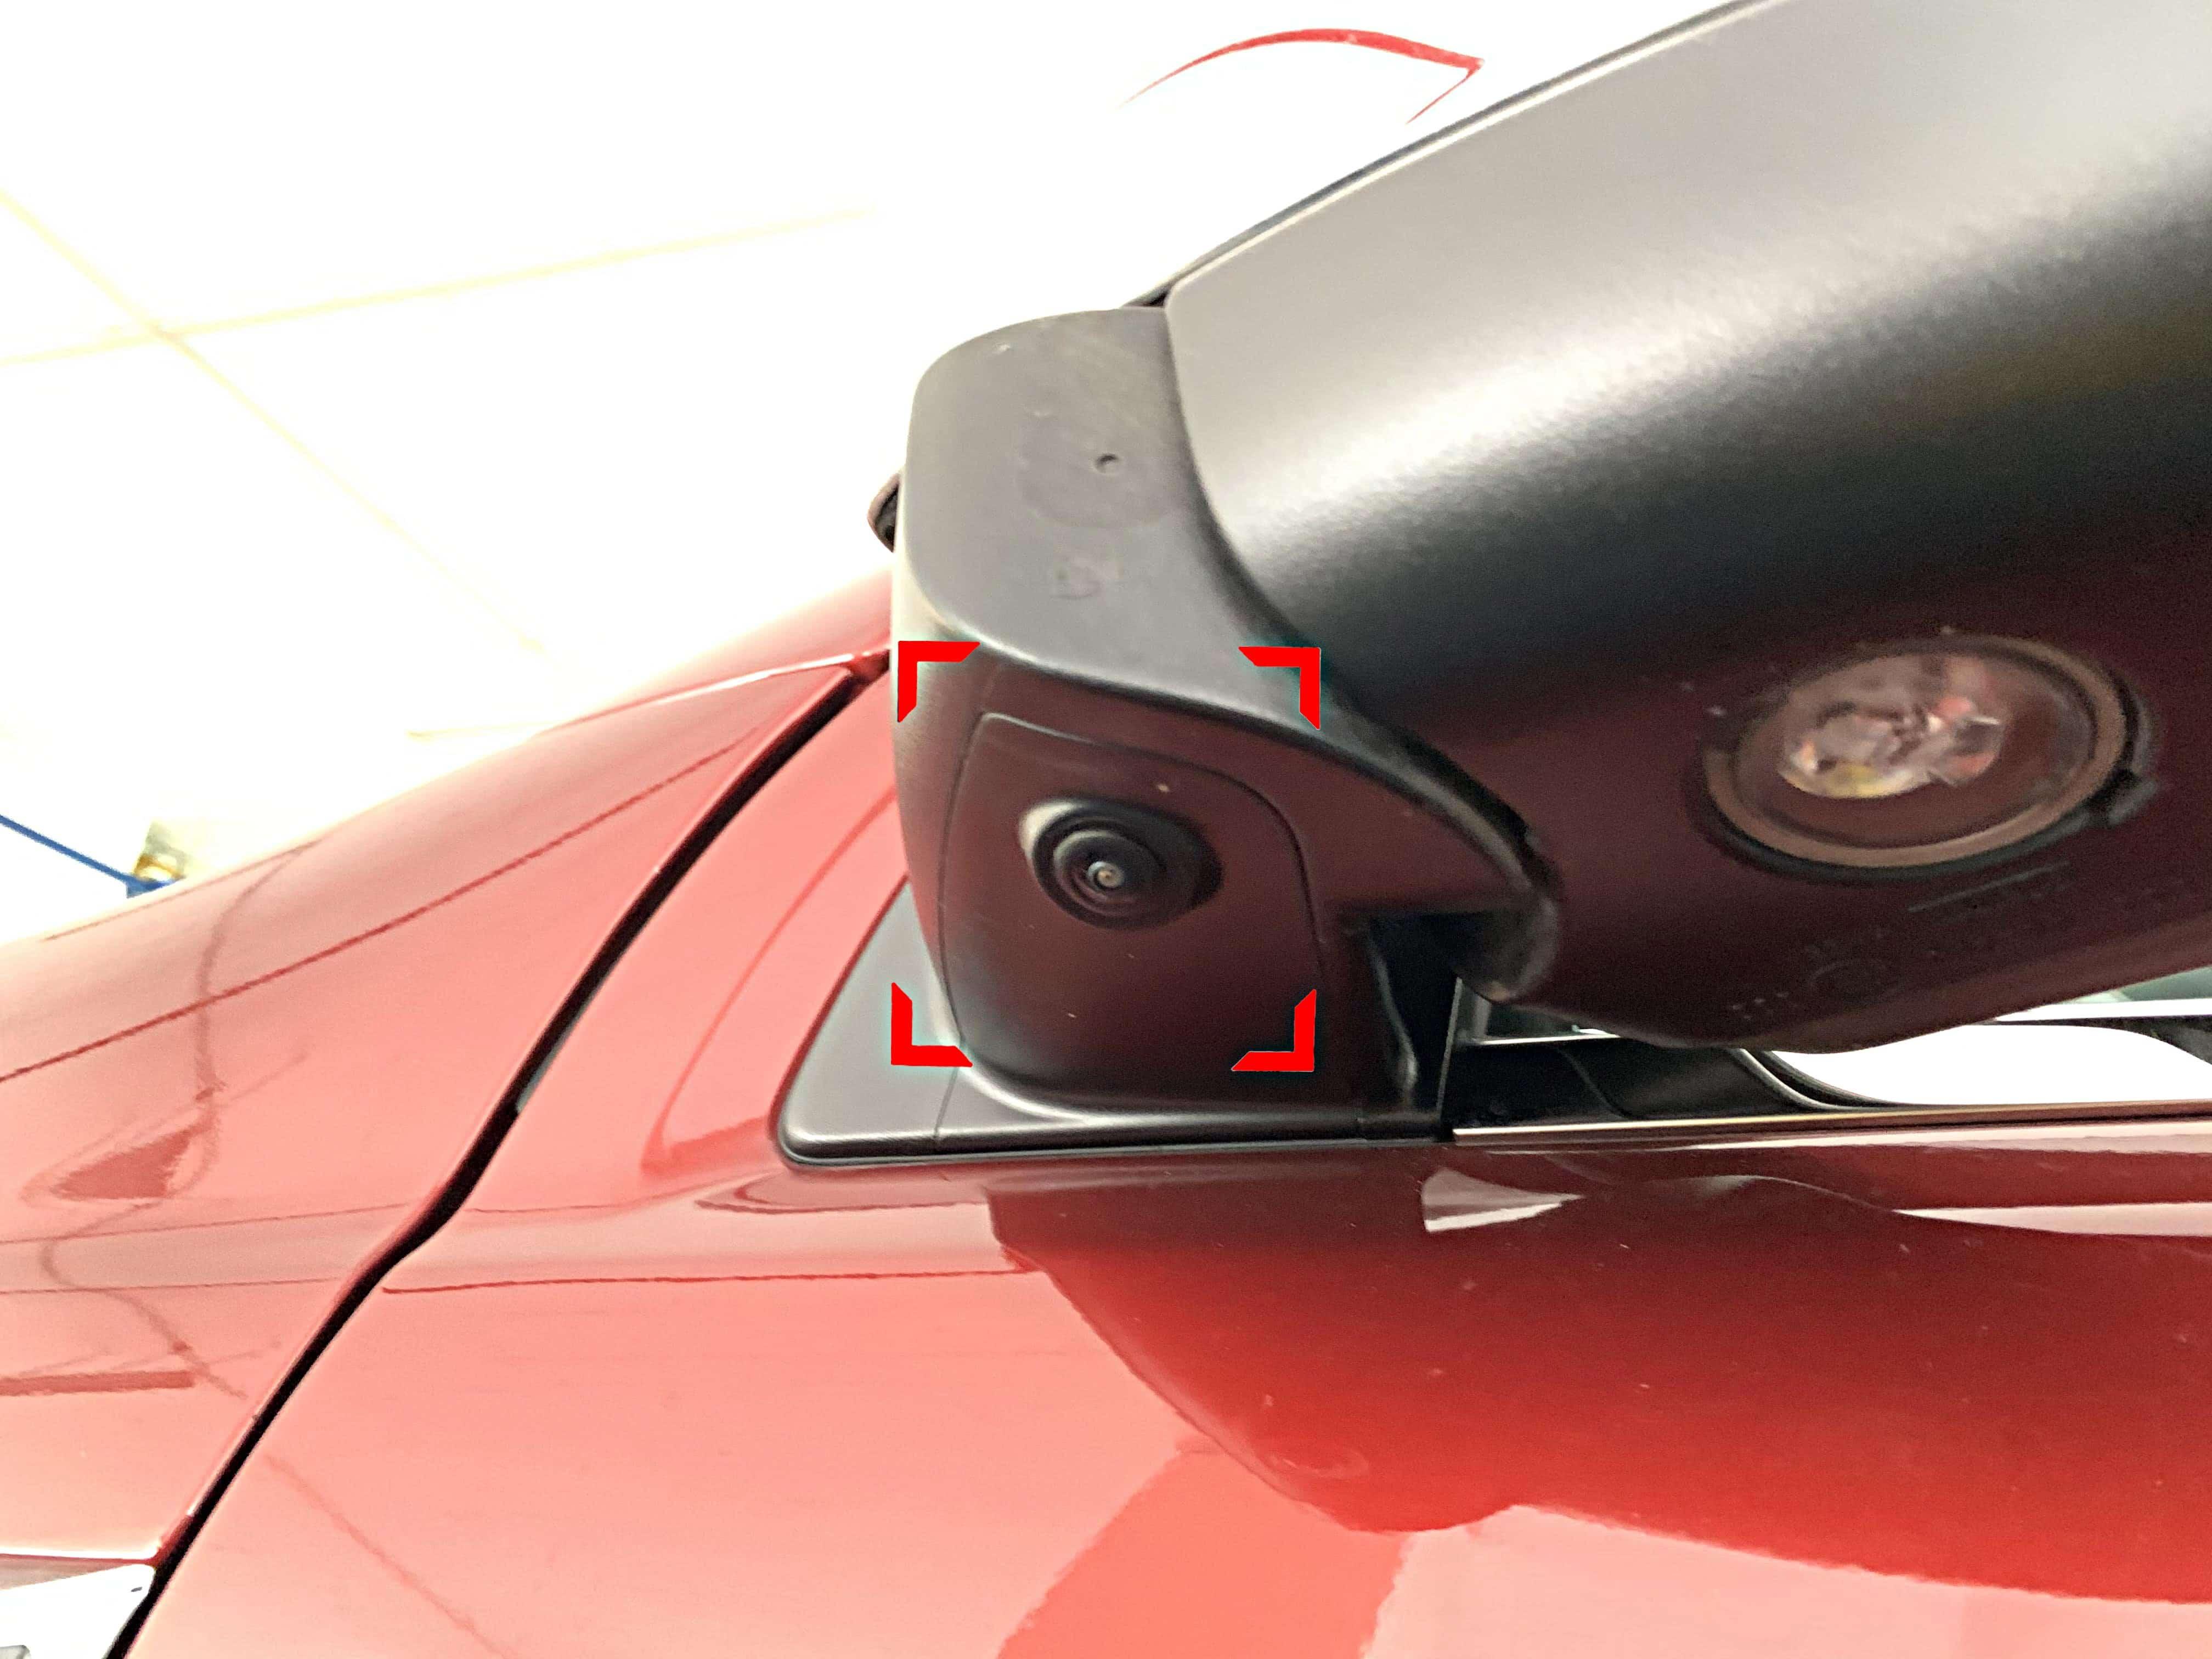 Lắp đặt 2 mắt Camera sườn ở hai bên.